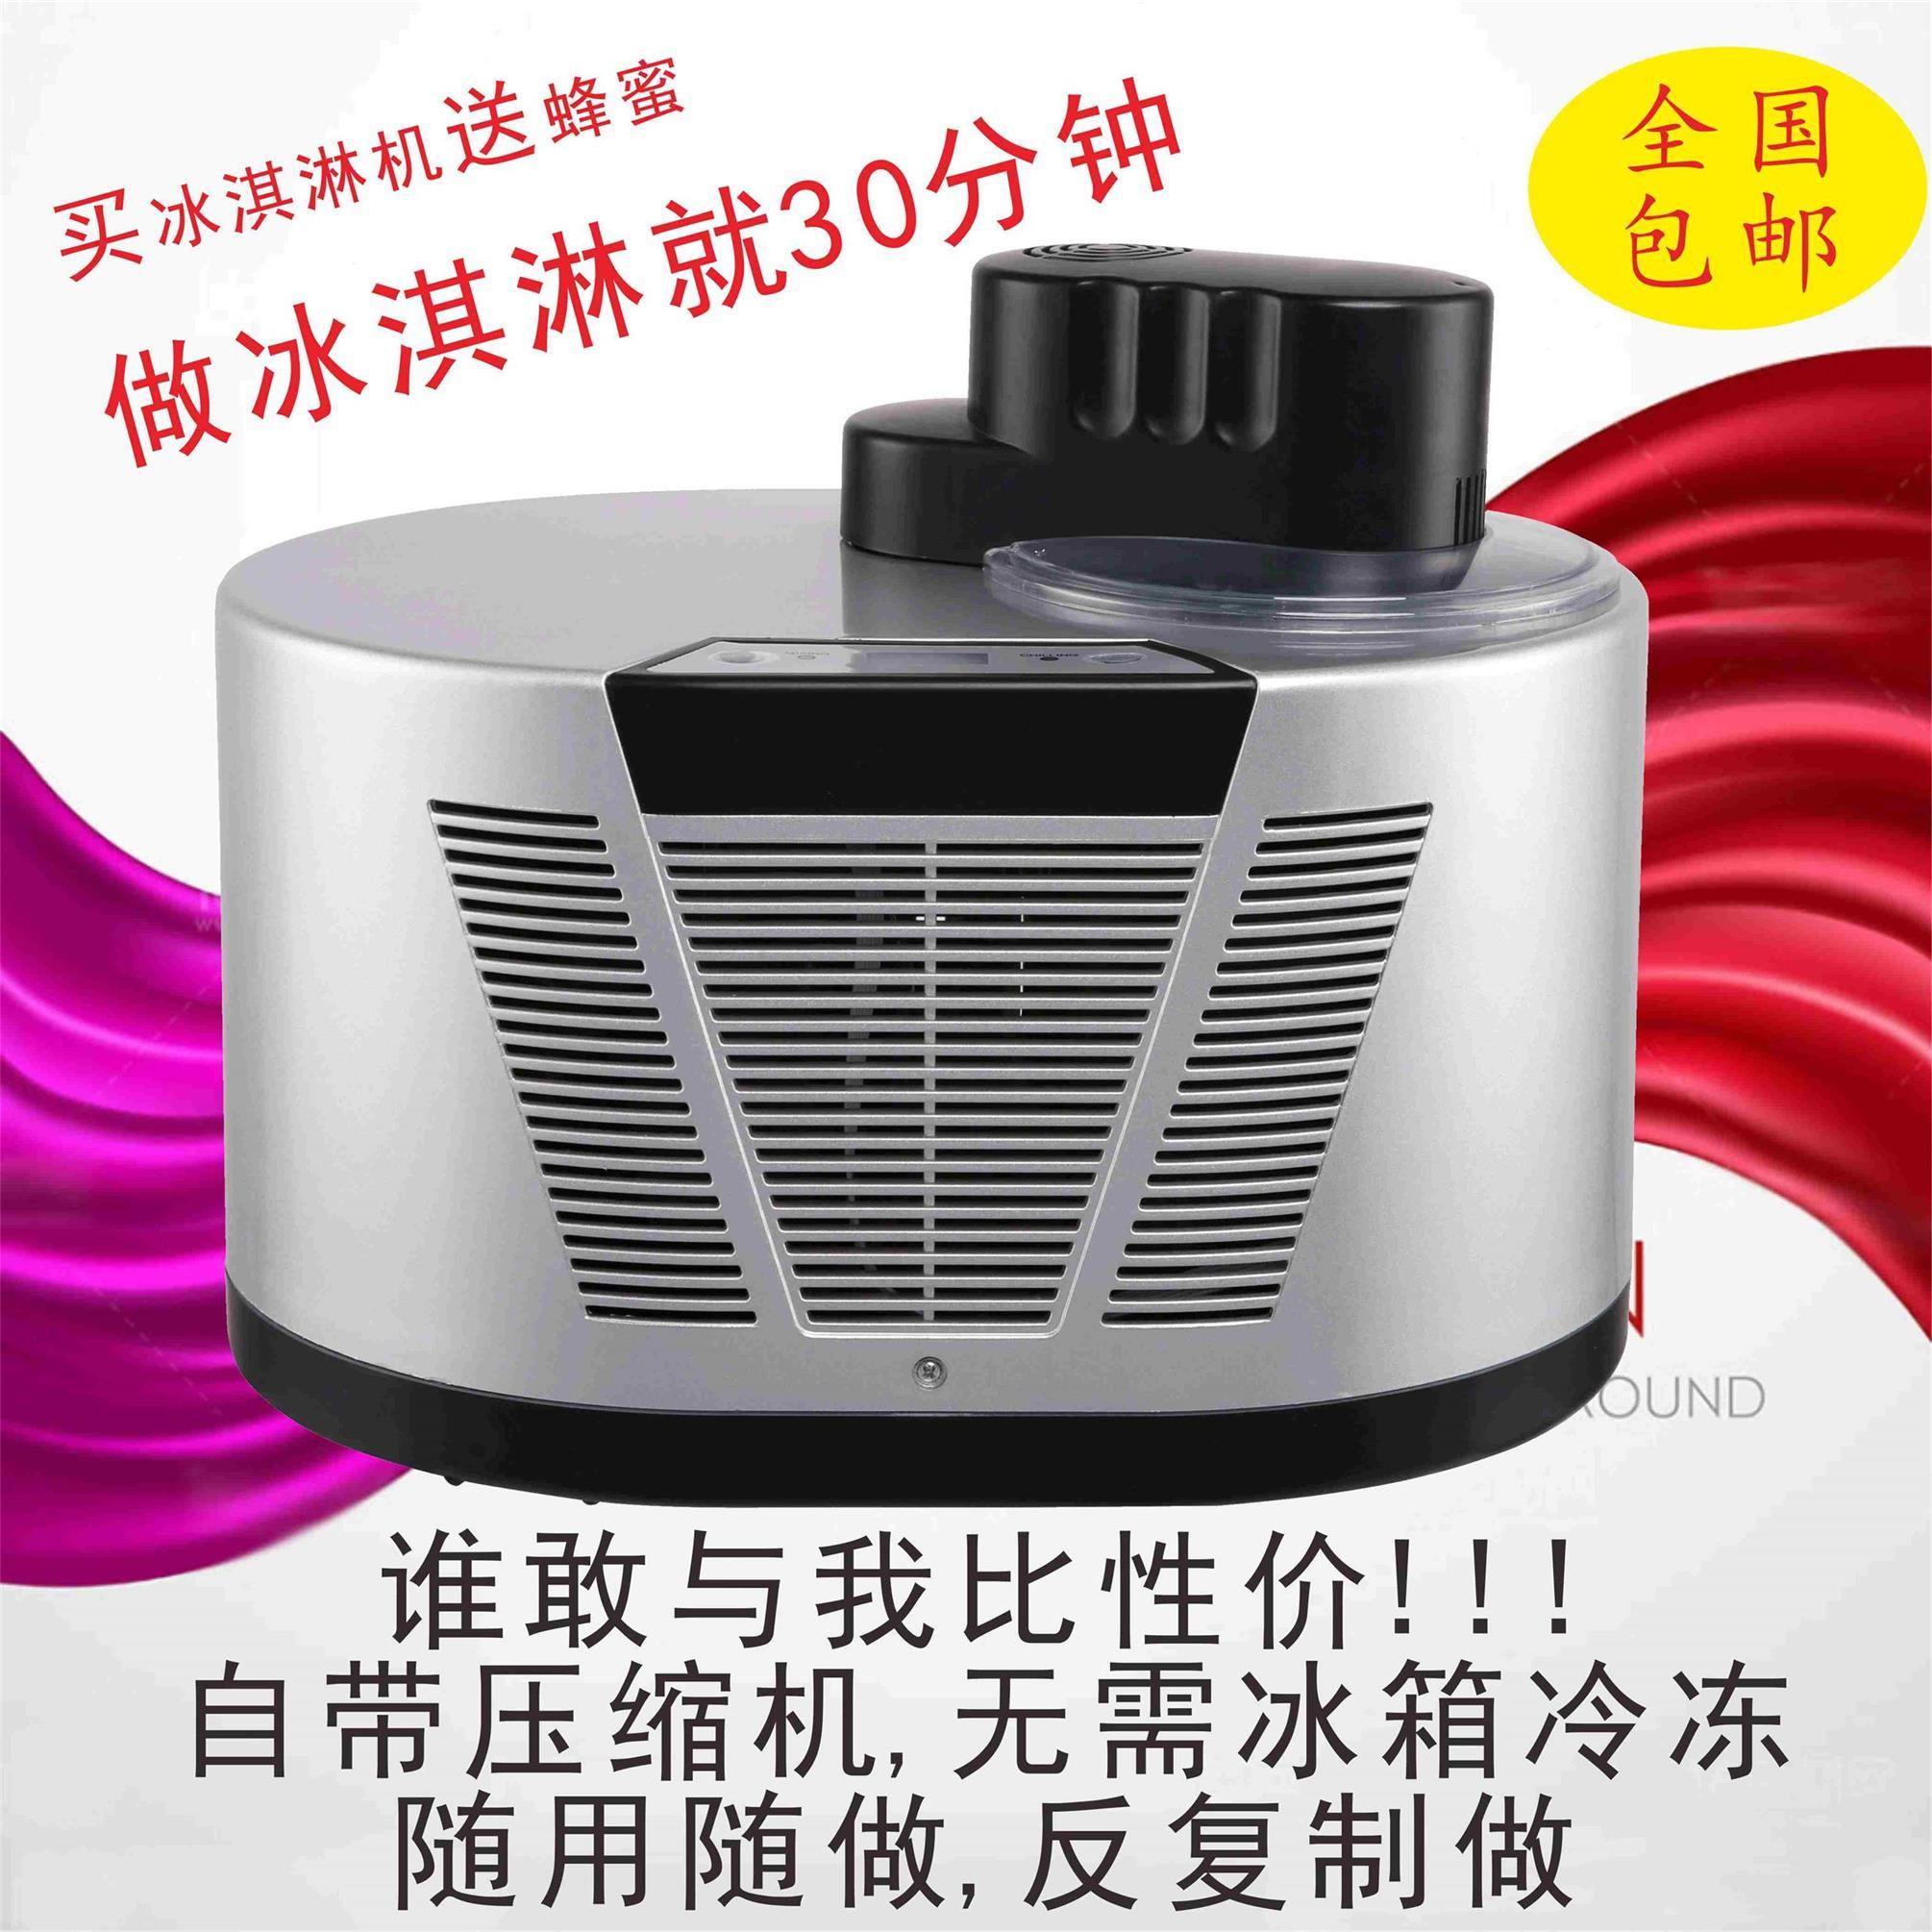 ICEMIX全自动迷你冰激凌机小型家用冰淇淋机儿童雪糕机压缩机